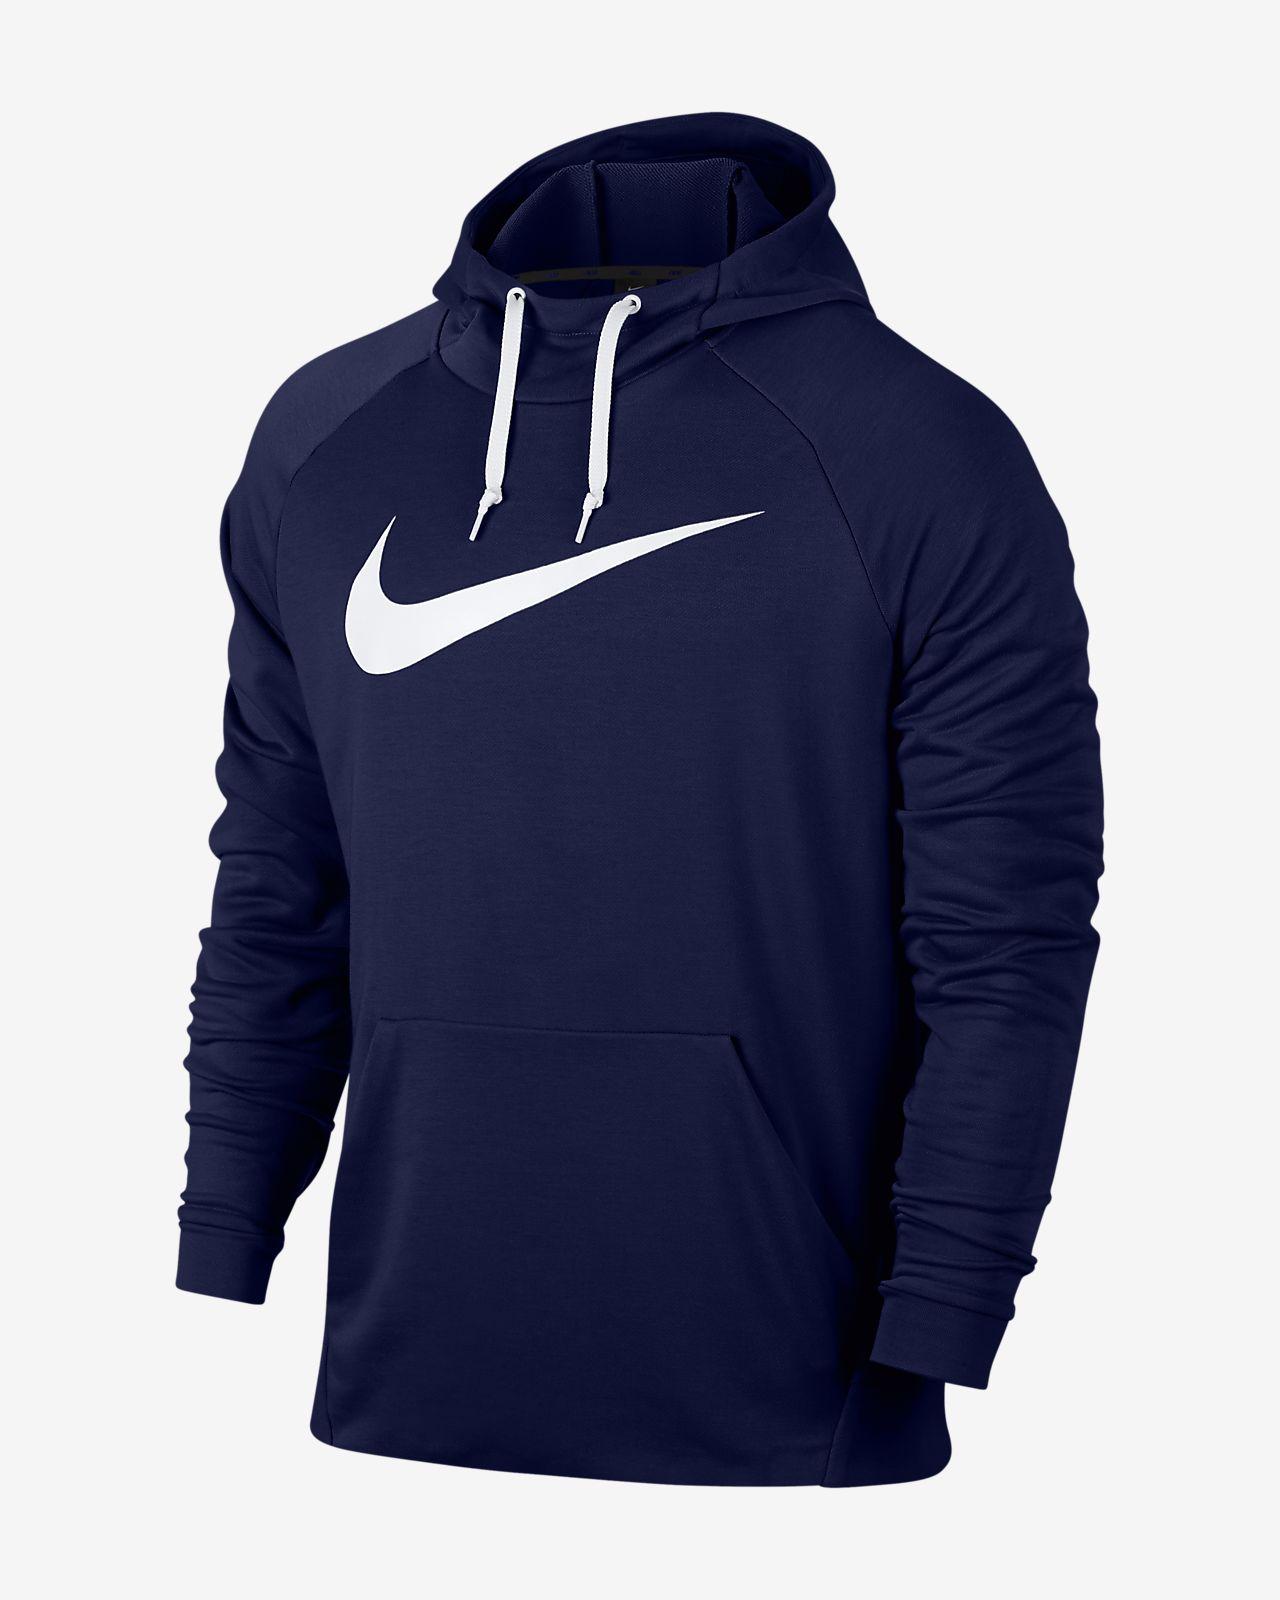 Bluza sportowa Nike Dri-FIT z oficjalnego sklepu